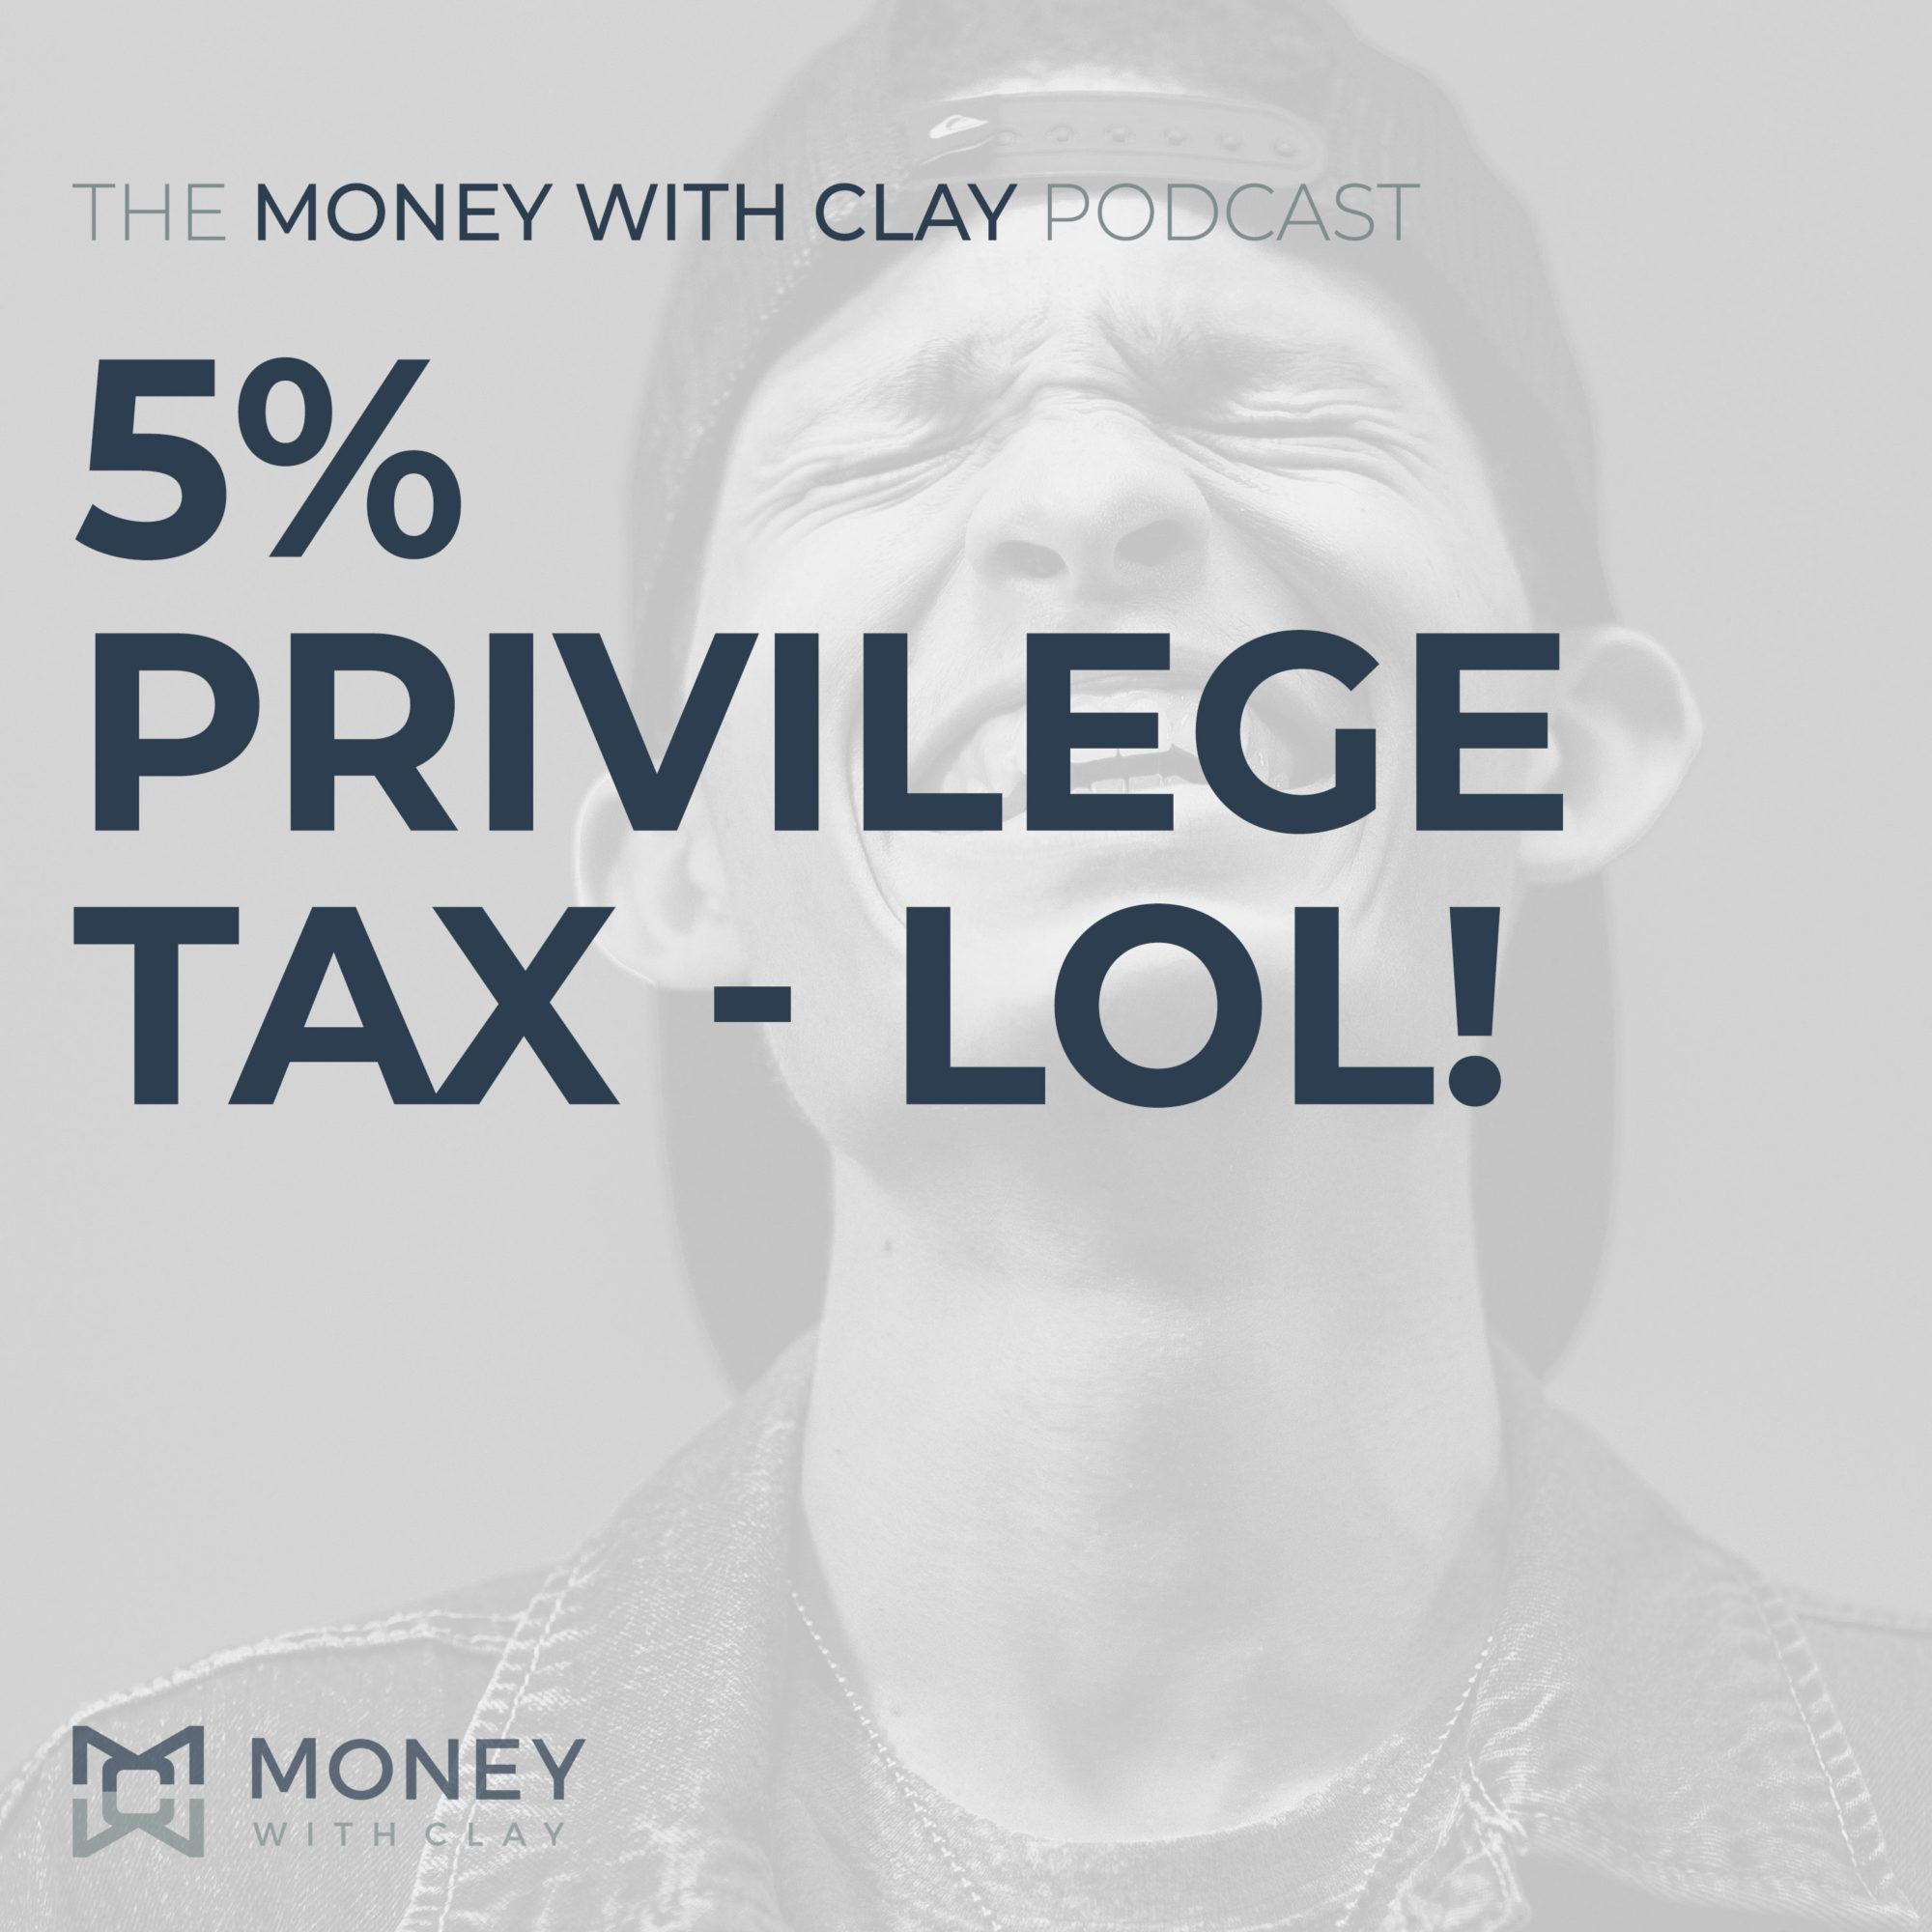 5% Privilege Tax - LOL!   #128